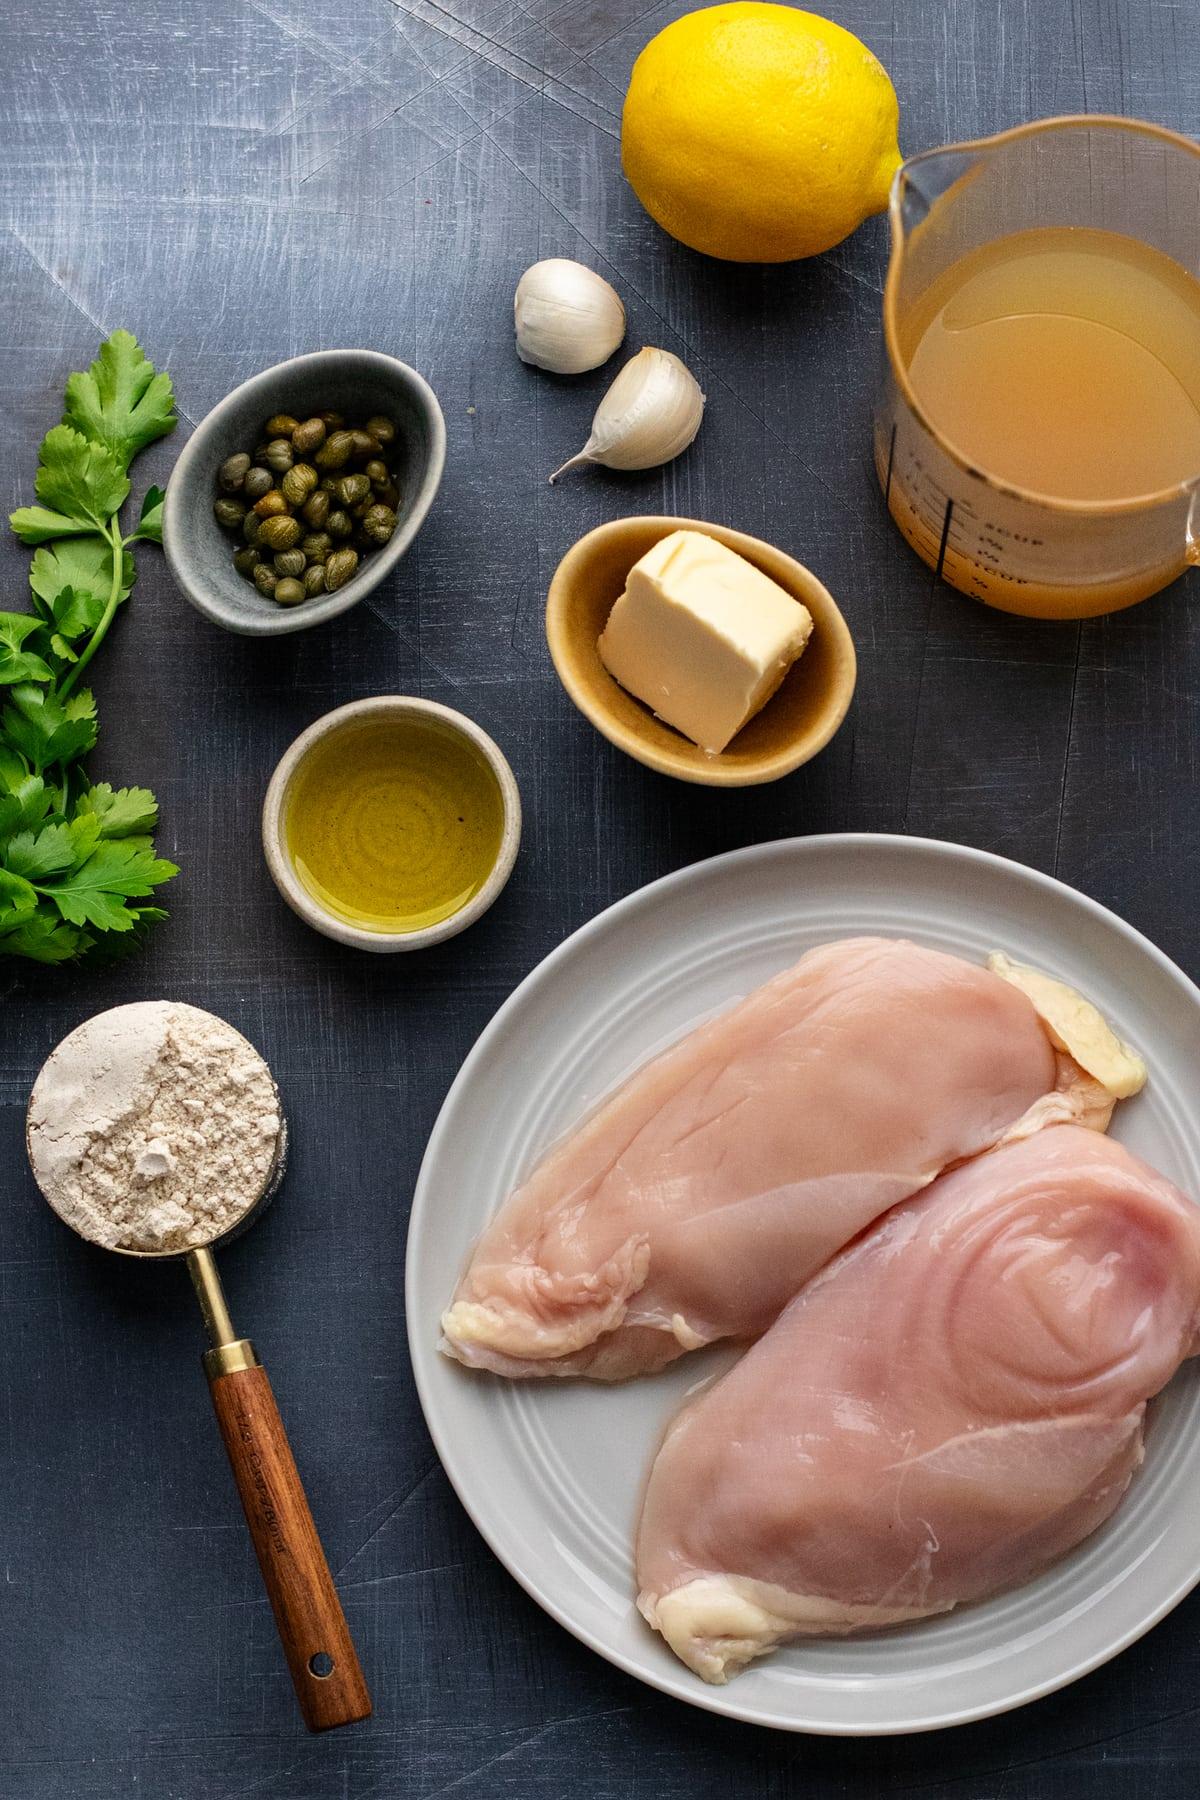 Ingredients for lemon chicken piccata arranged on dark gray background.